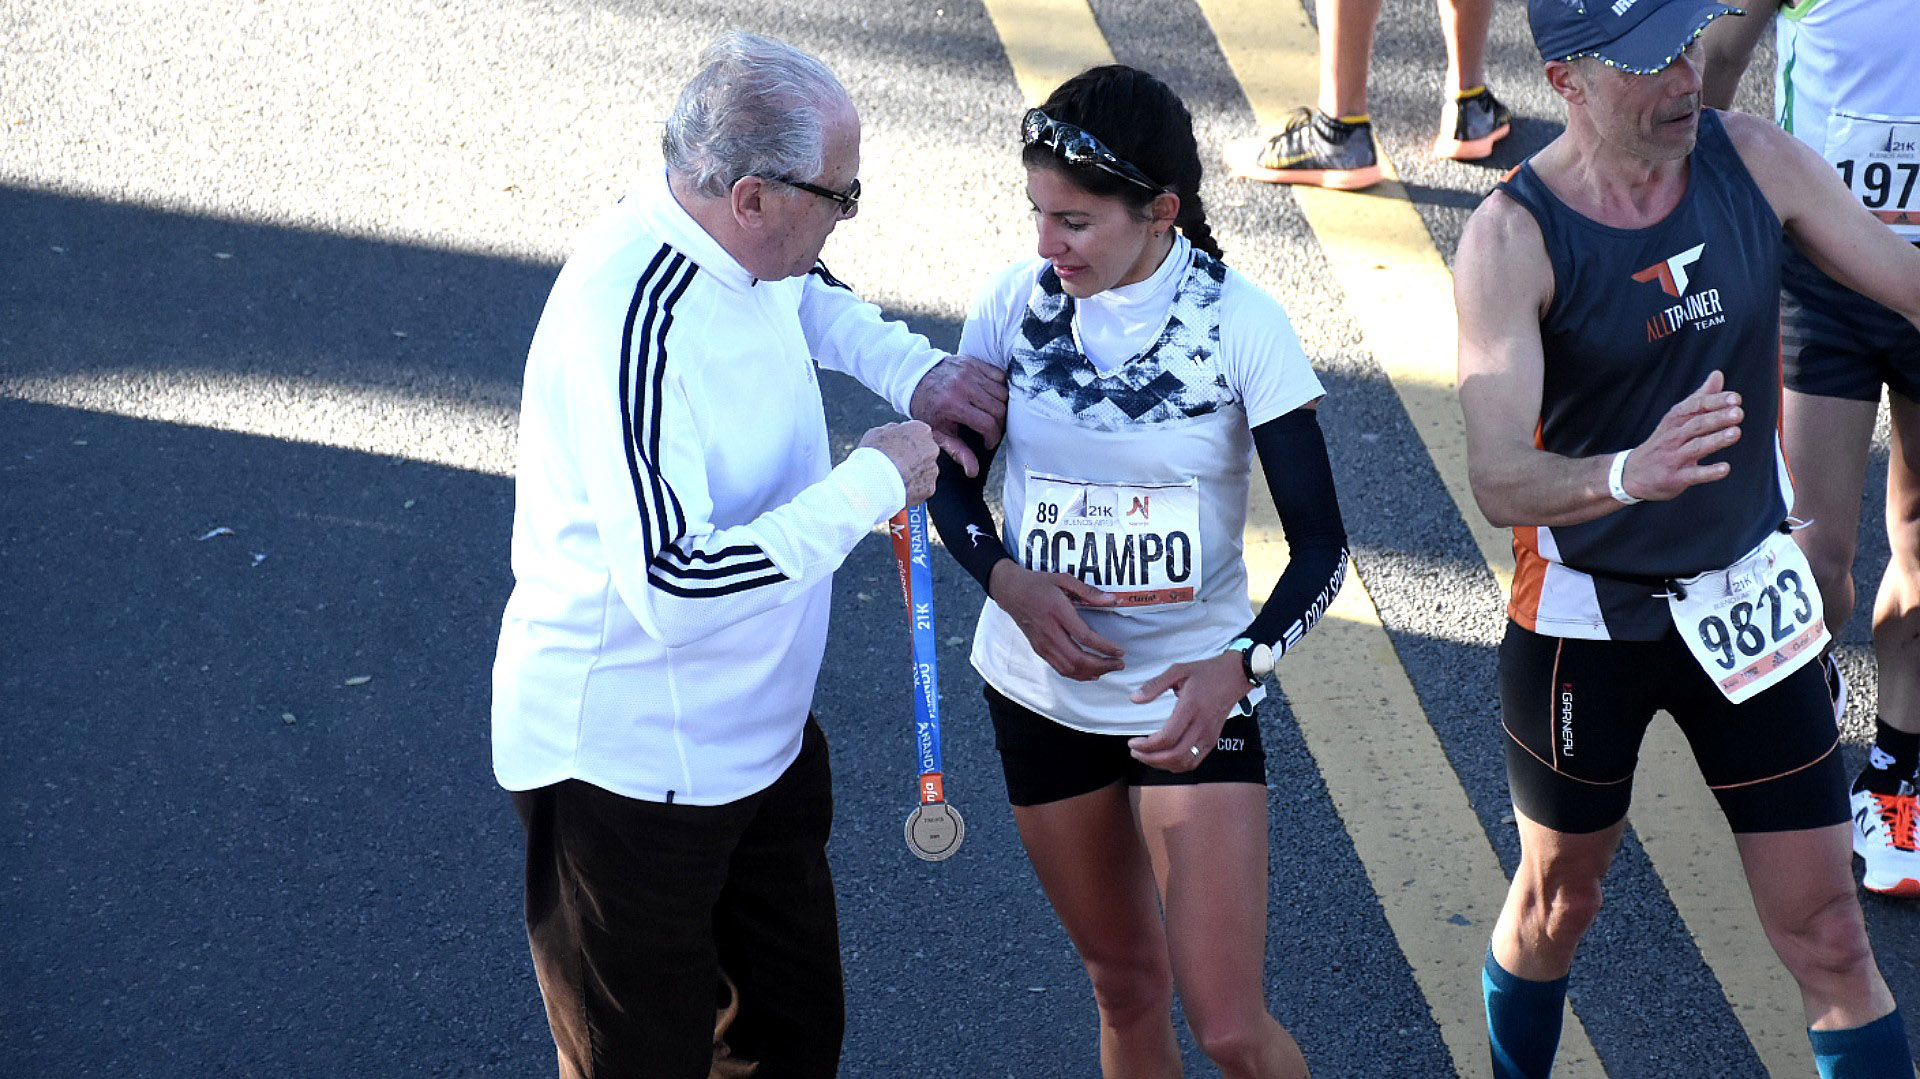 Daiana Ocampo se convirtió en la campeona argentina de medio maratón con 1:14:04